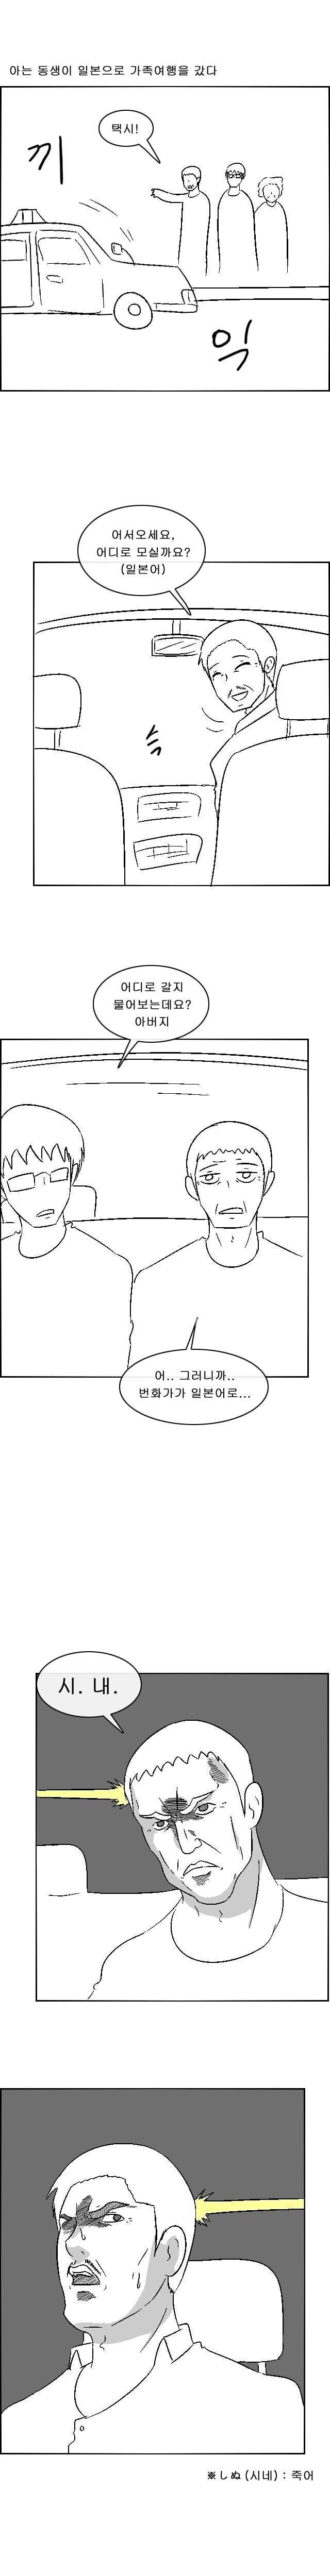 오모시롱.jpg